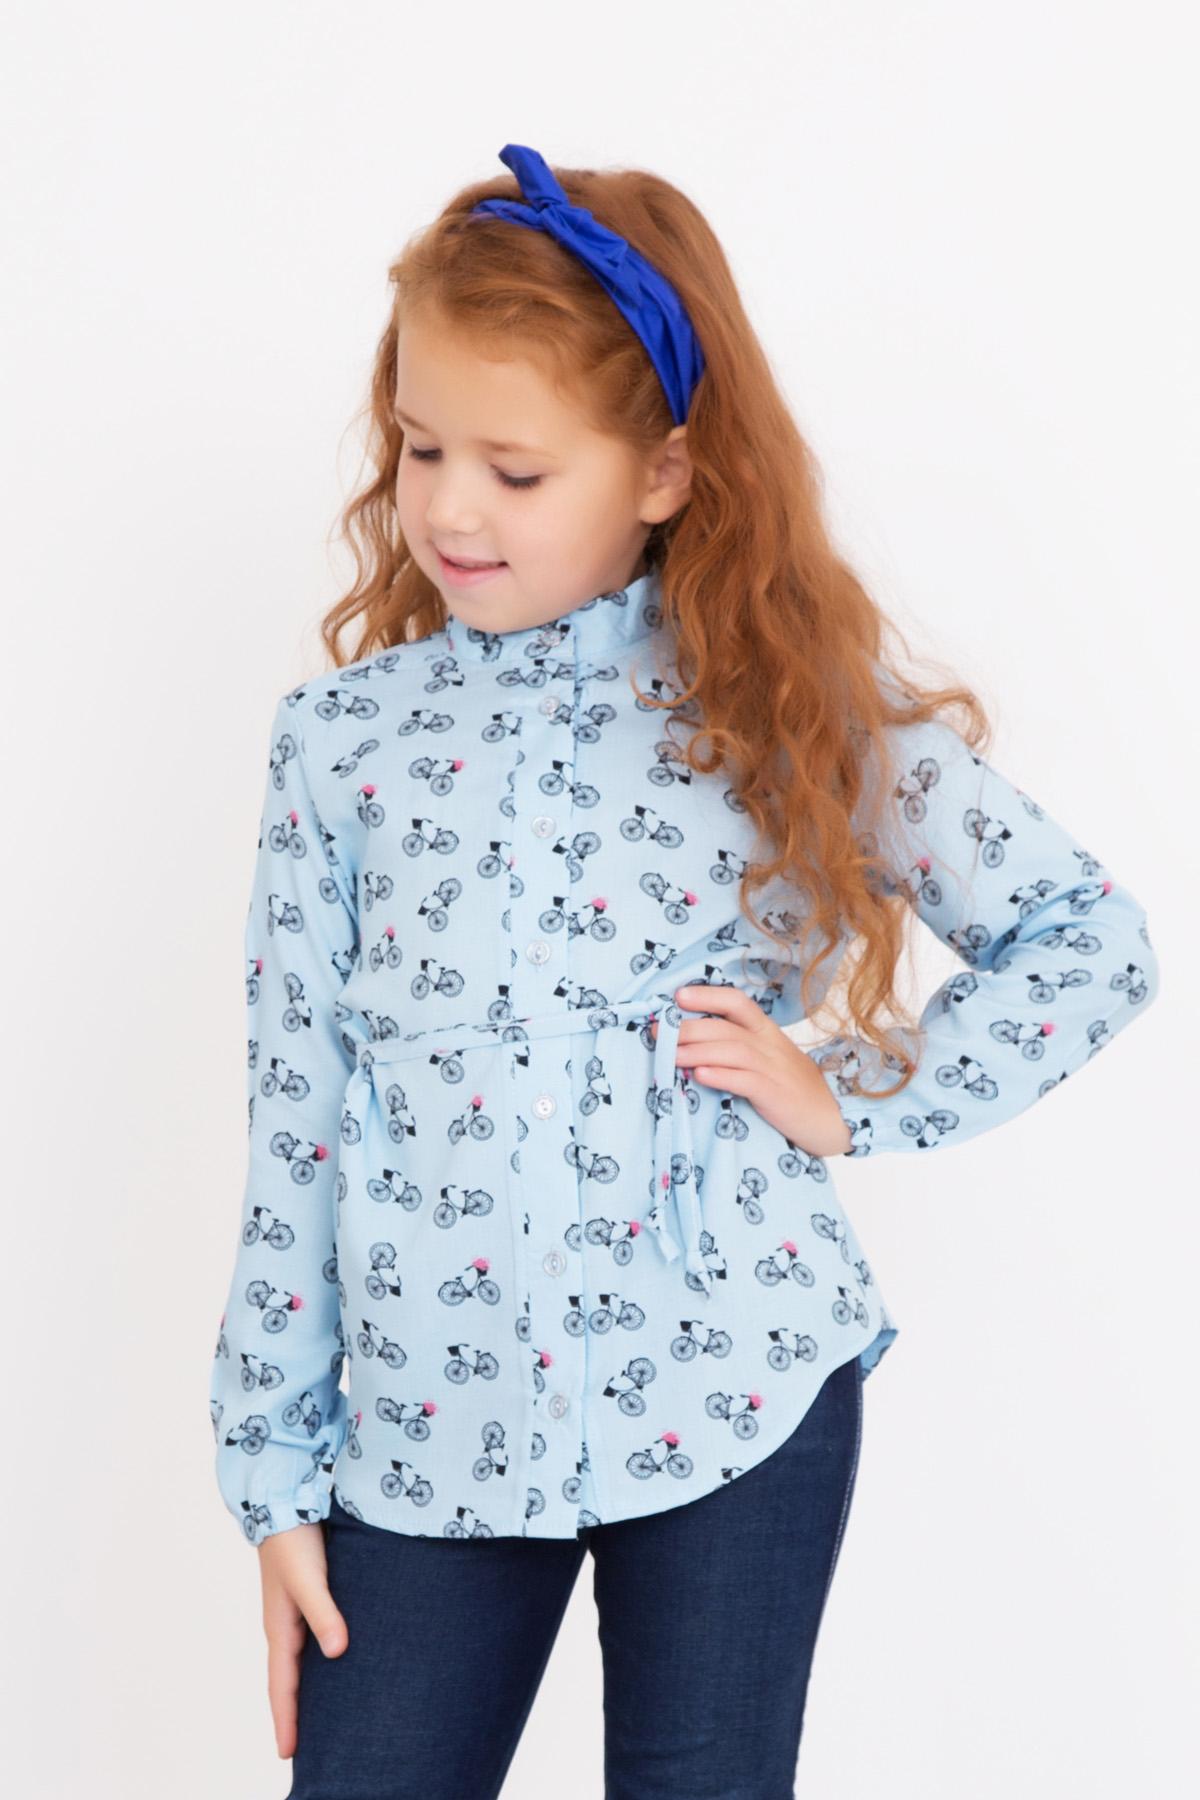 Дет. рубашка Василиса р. 32Толстовки, джемпера и рубашки<br><br><br>Тип: Дет. рубашка<br>Размер: 32<br>Материал: Штапель